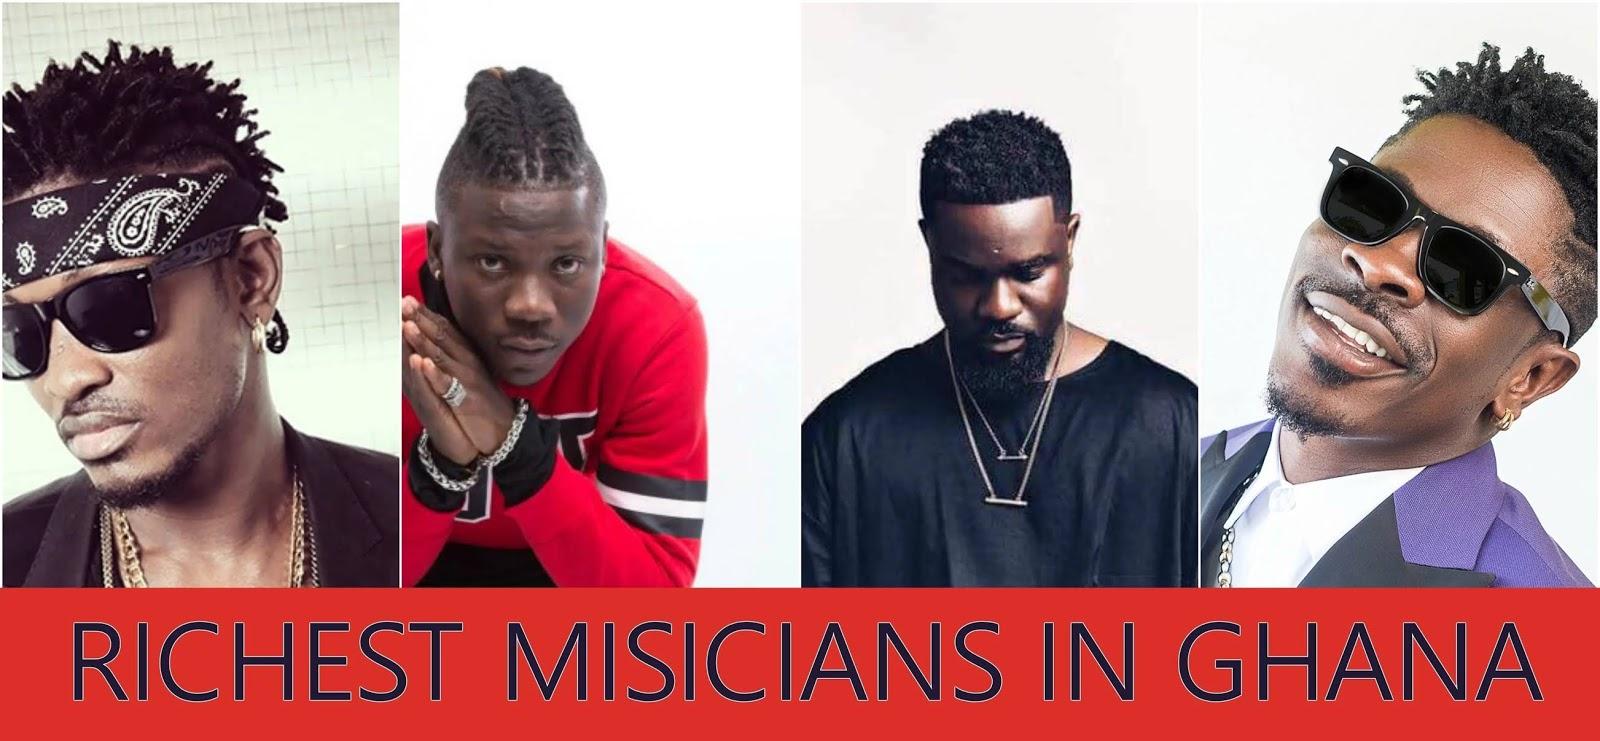 أغنى الموسيقيين من غانا